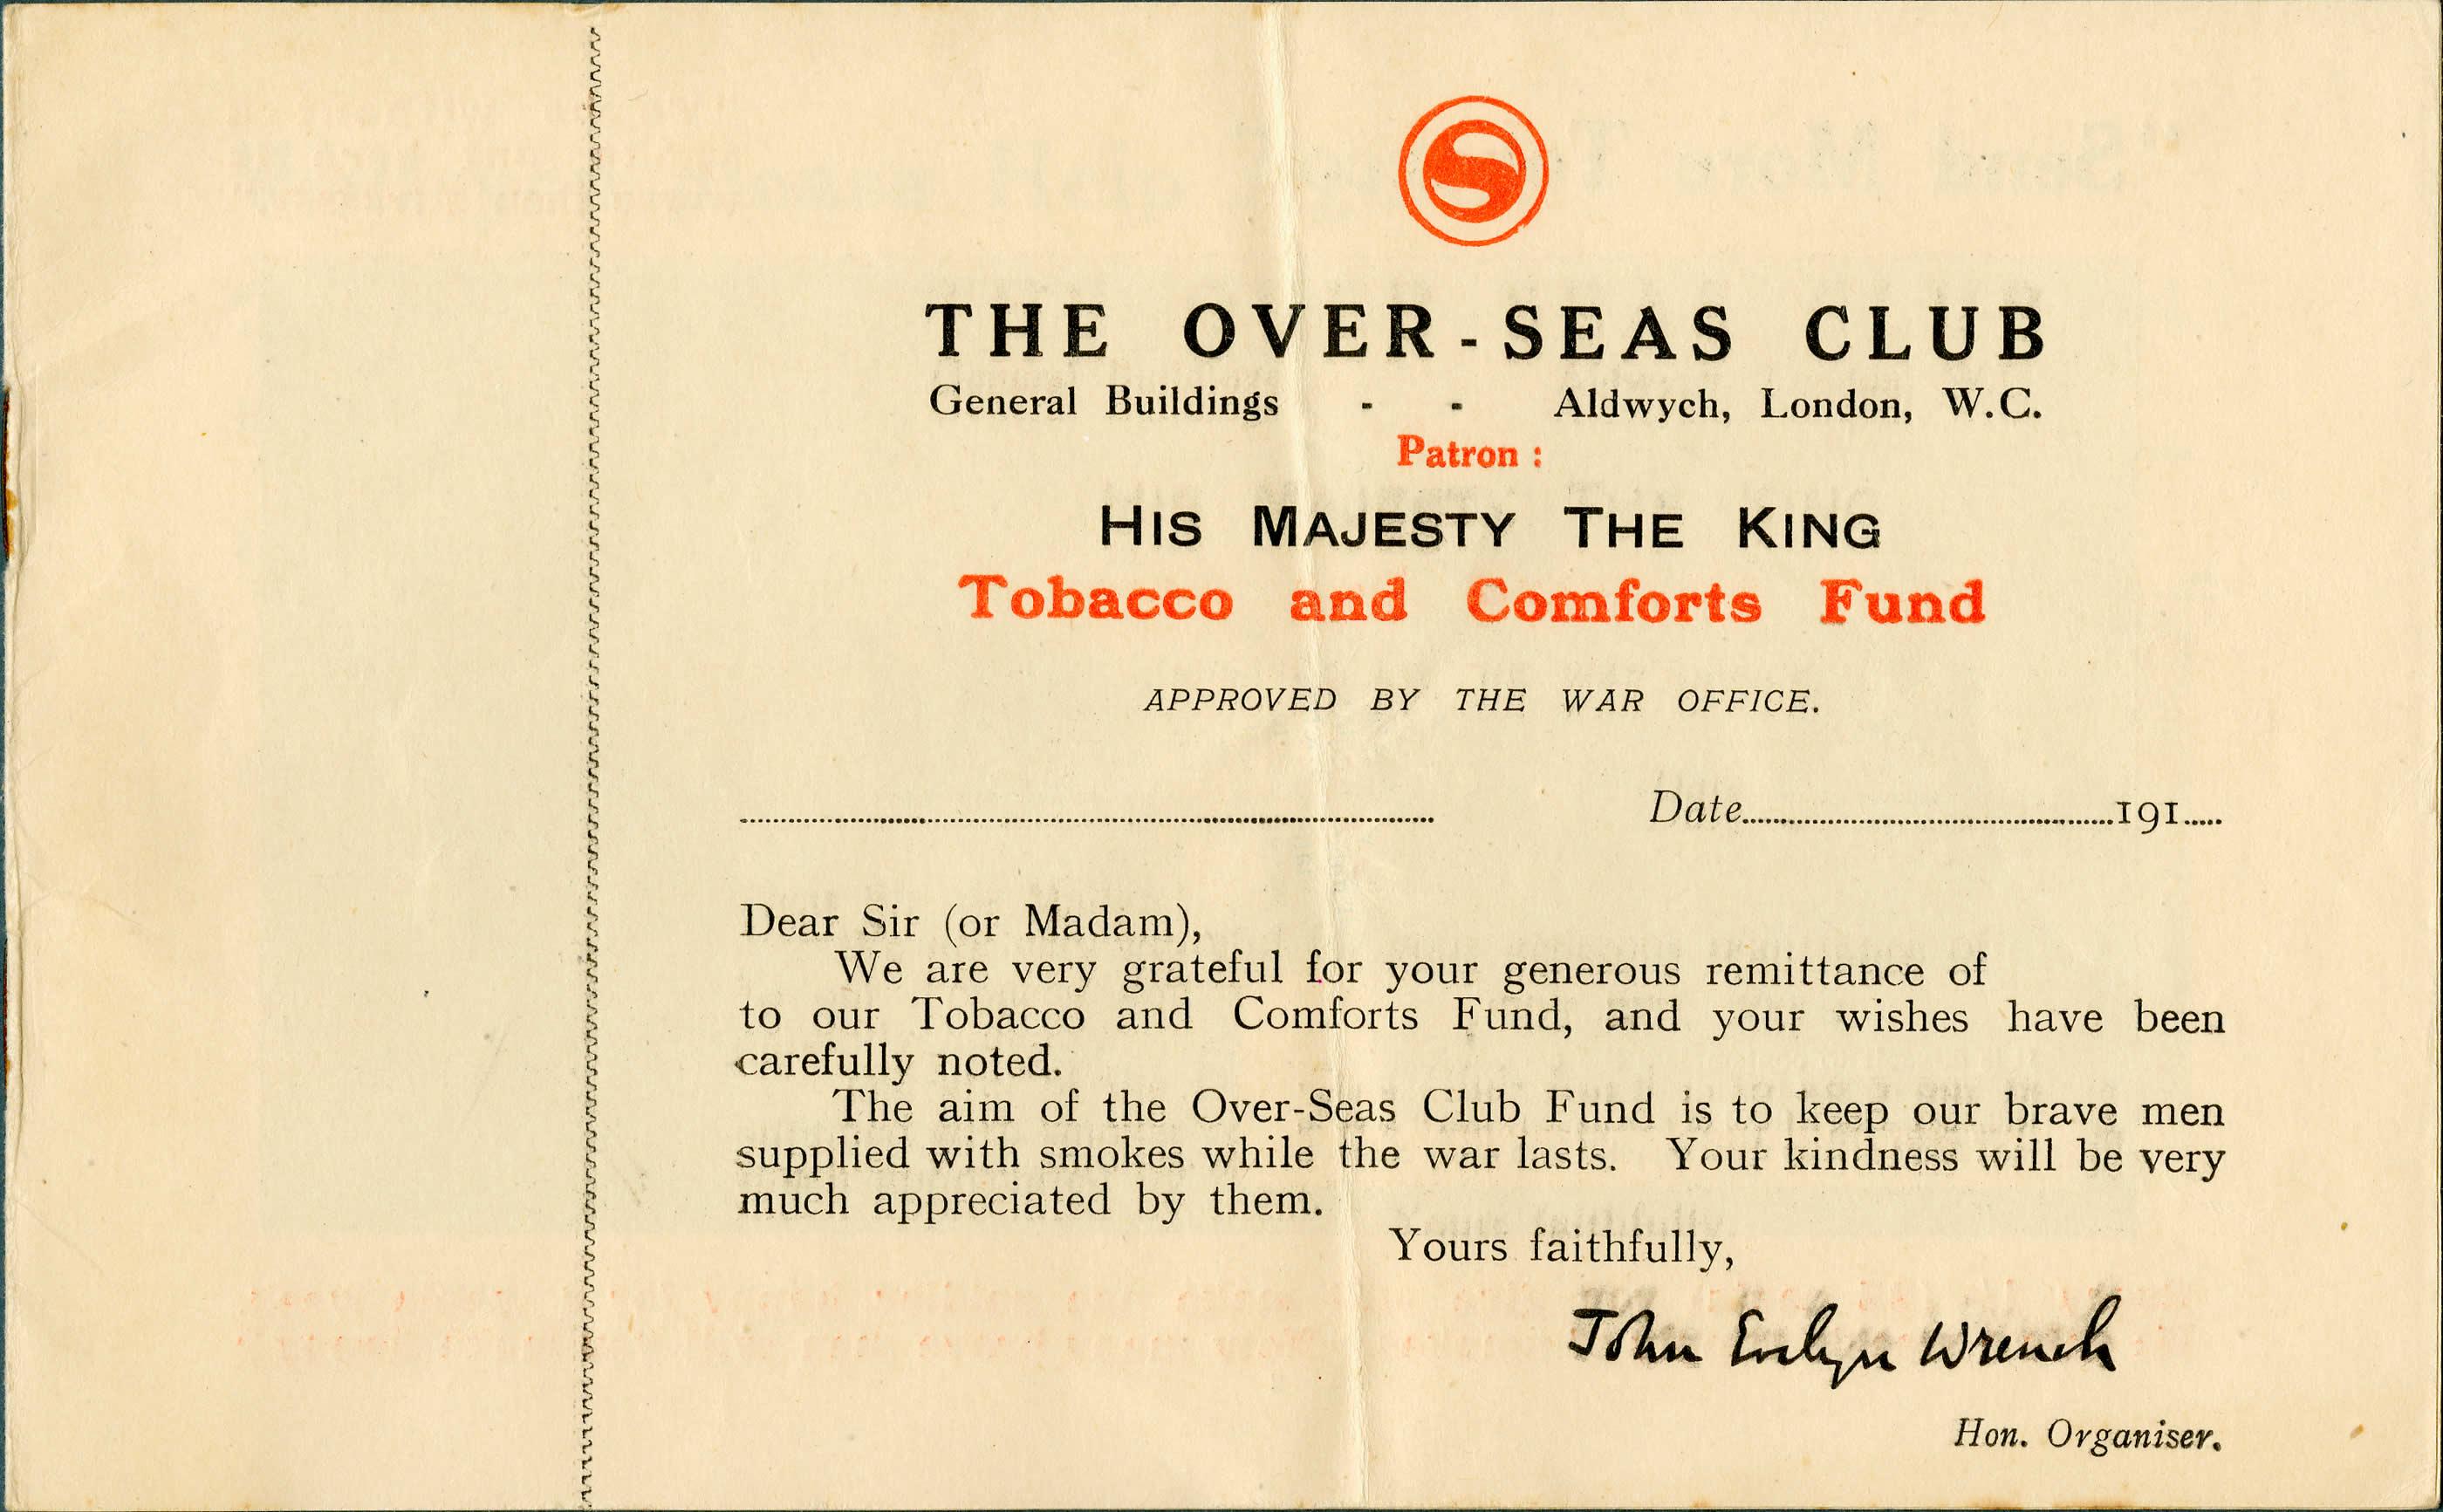 Over-seas Club Tobacco Fund